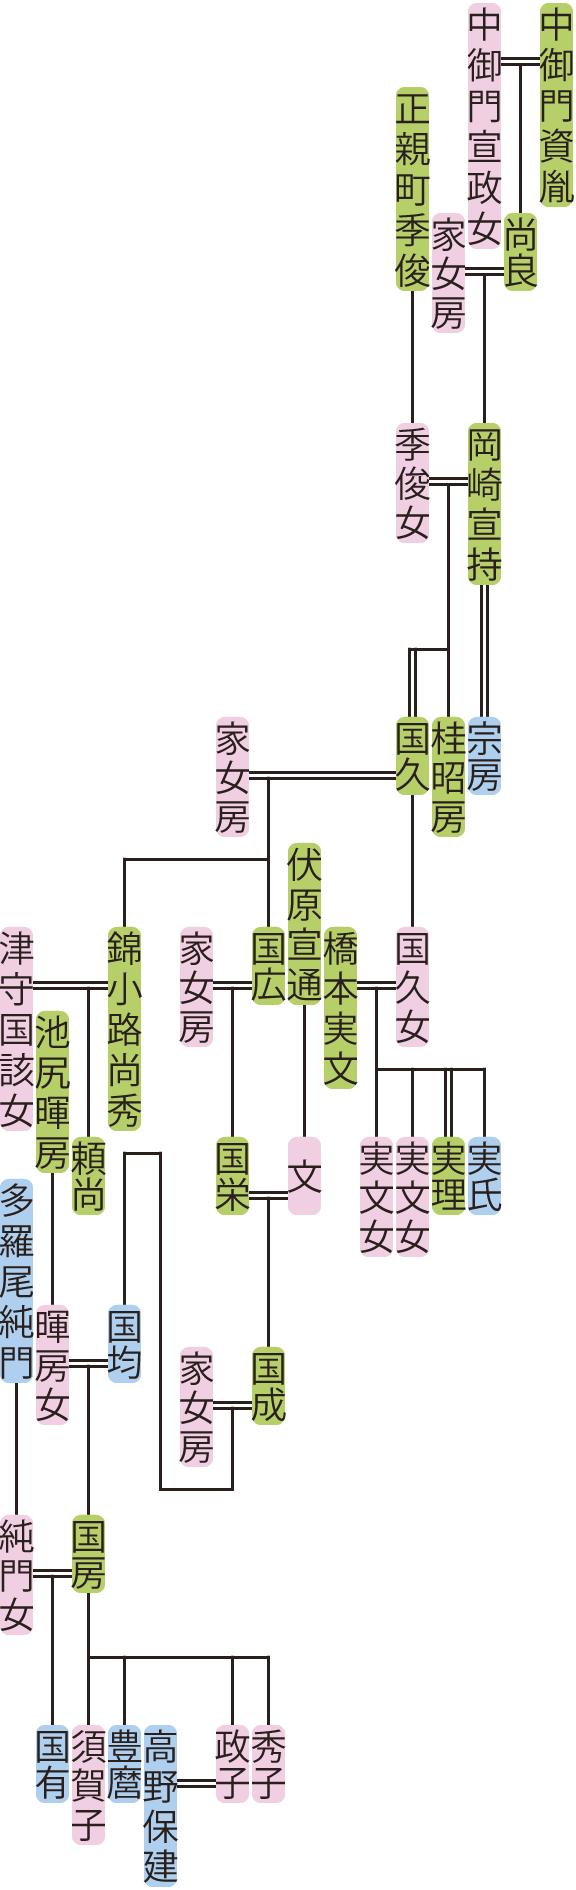 岡崎宣持~国有の系図